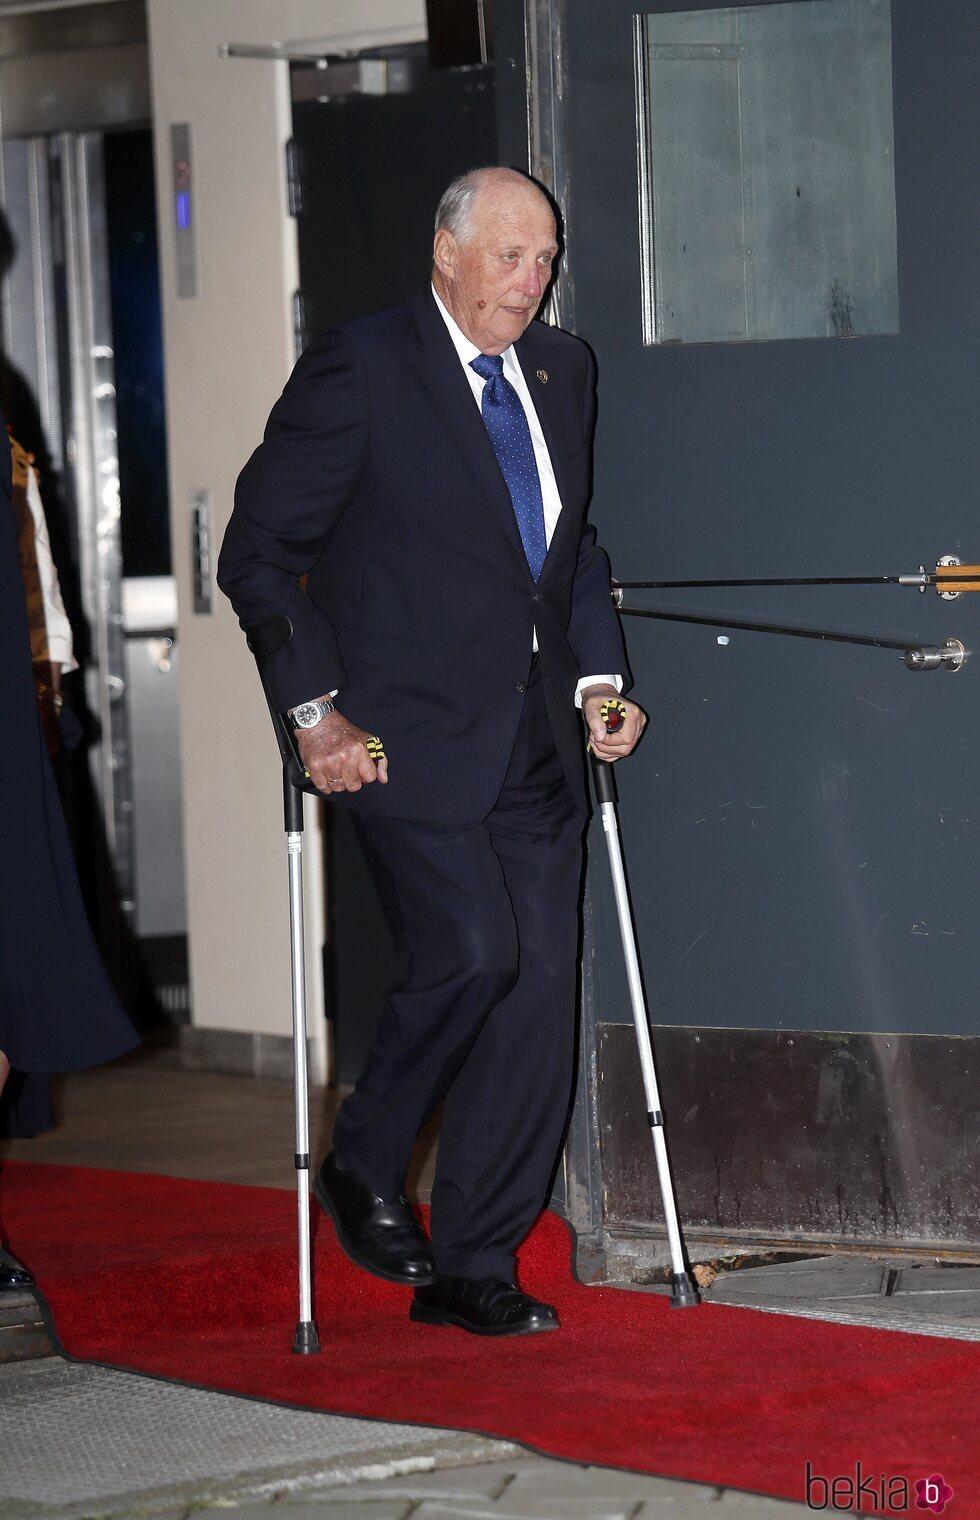 Harald de Noruega en el homenaje nacional por el décimo aniversario de los atentados de Oslo y Utøya